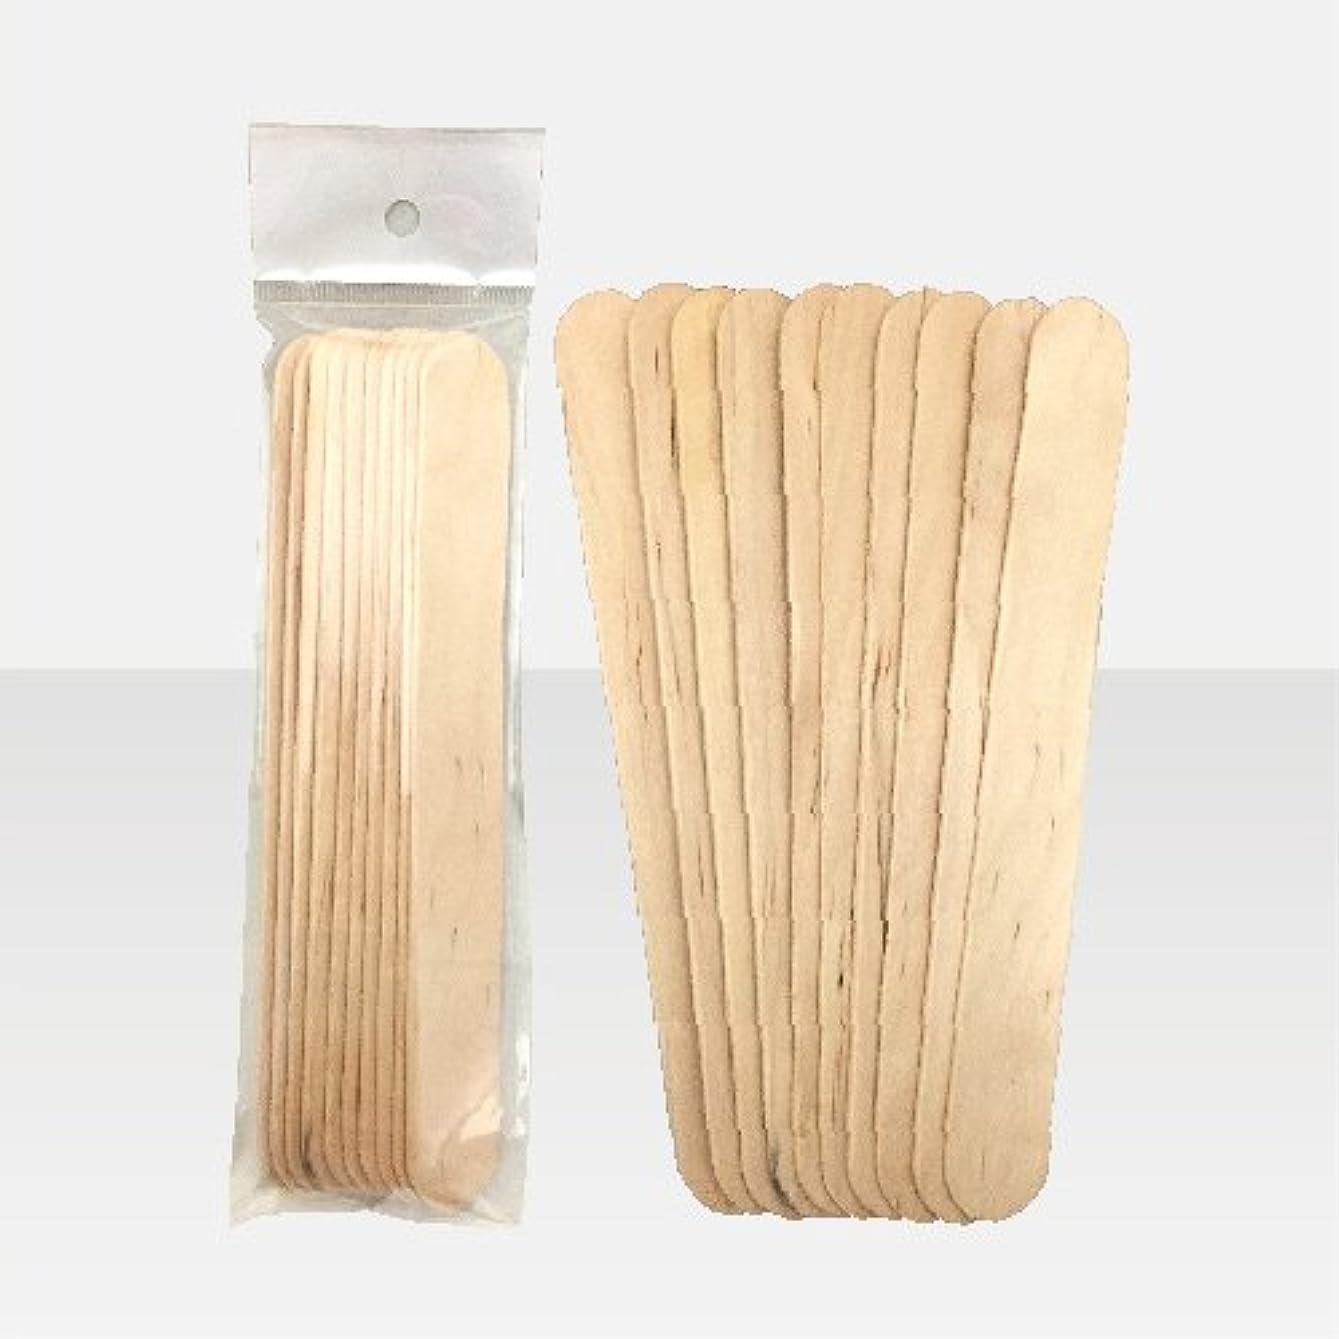 強制ロンドンメッセージブラジリアンワックス 脱毛ワックス用  ワックススパチュラ 木ベラ /10本セット Mサイズ